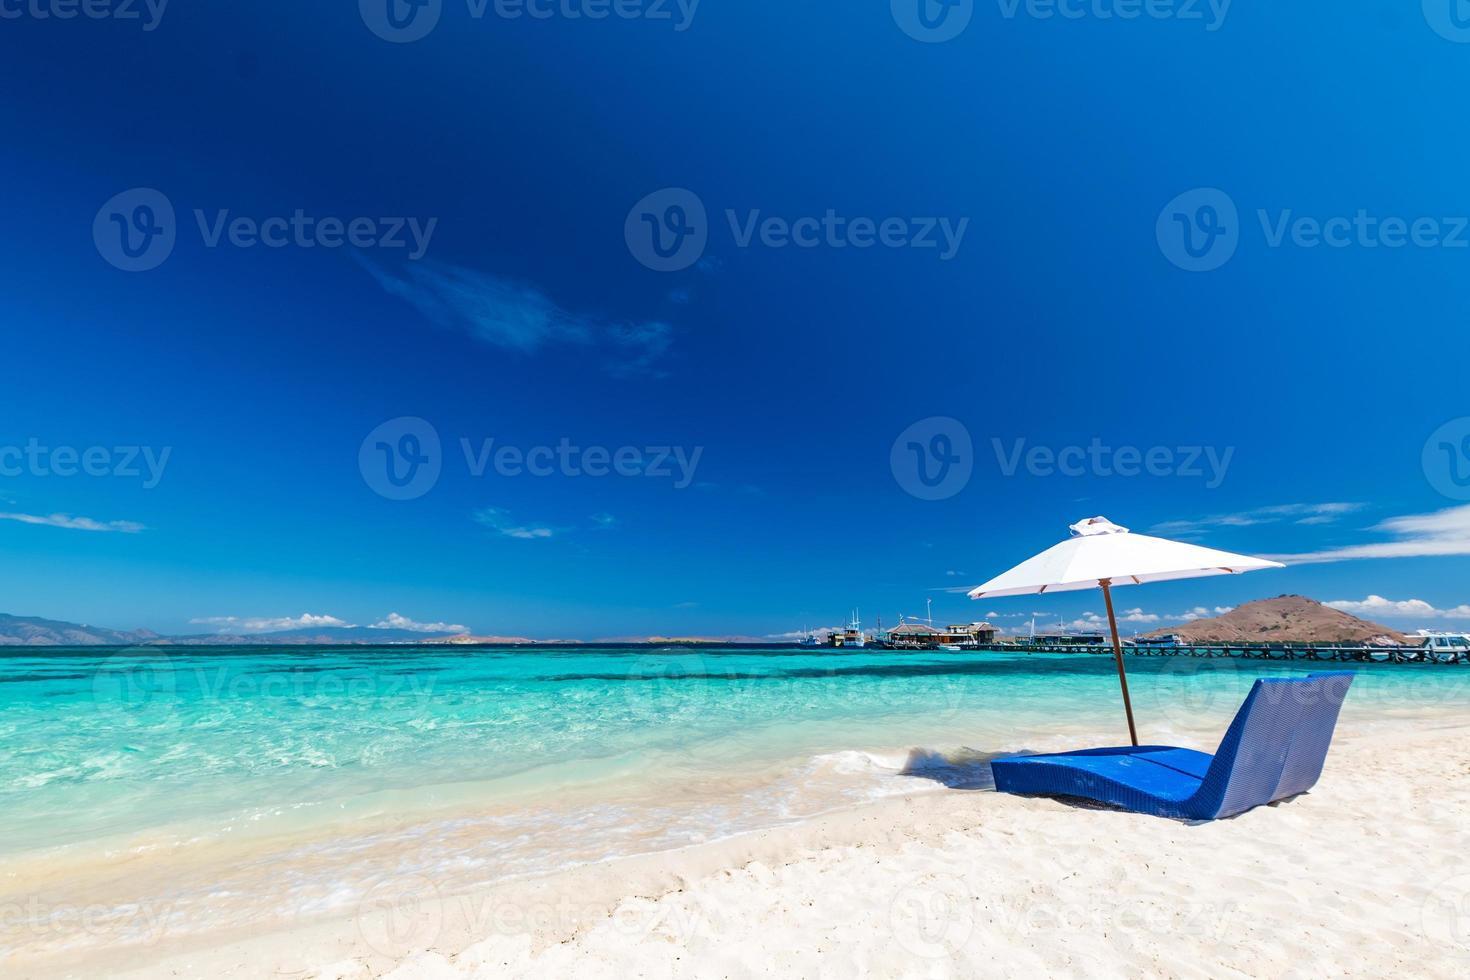 hamacas con sombrilla en la playa de arena cerca del mar foto